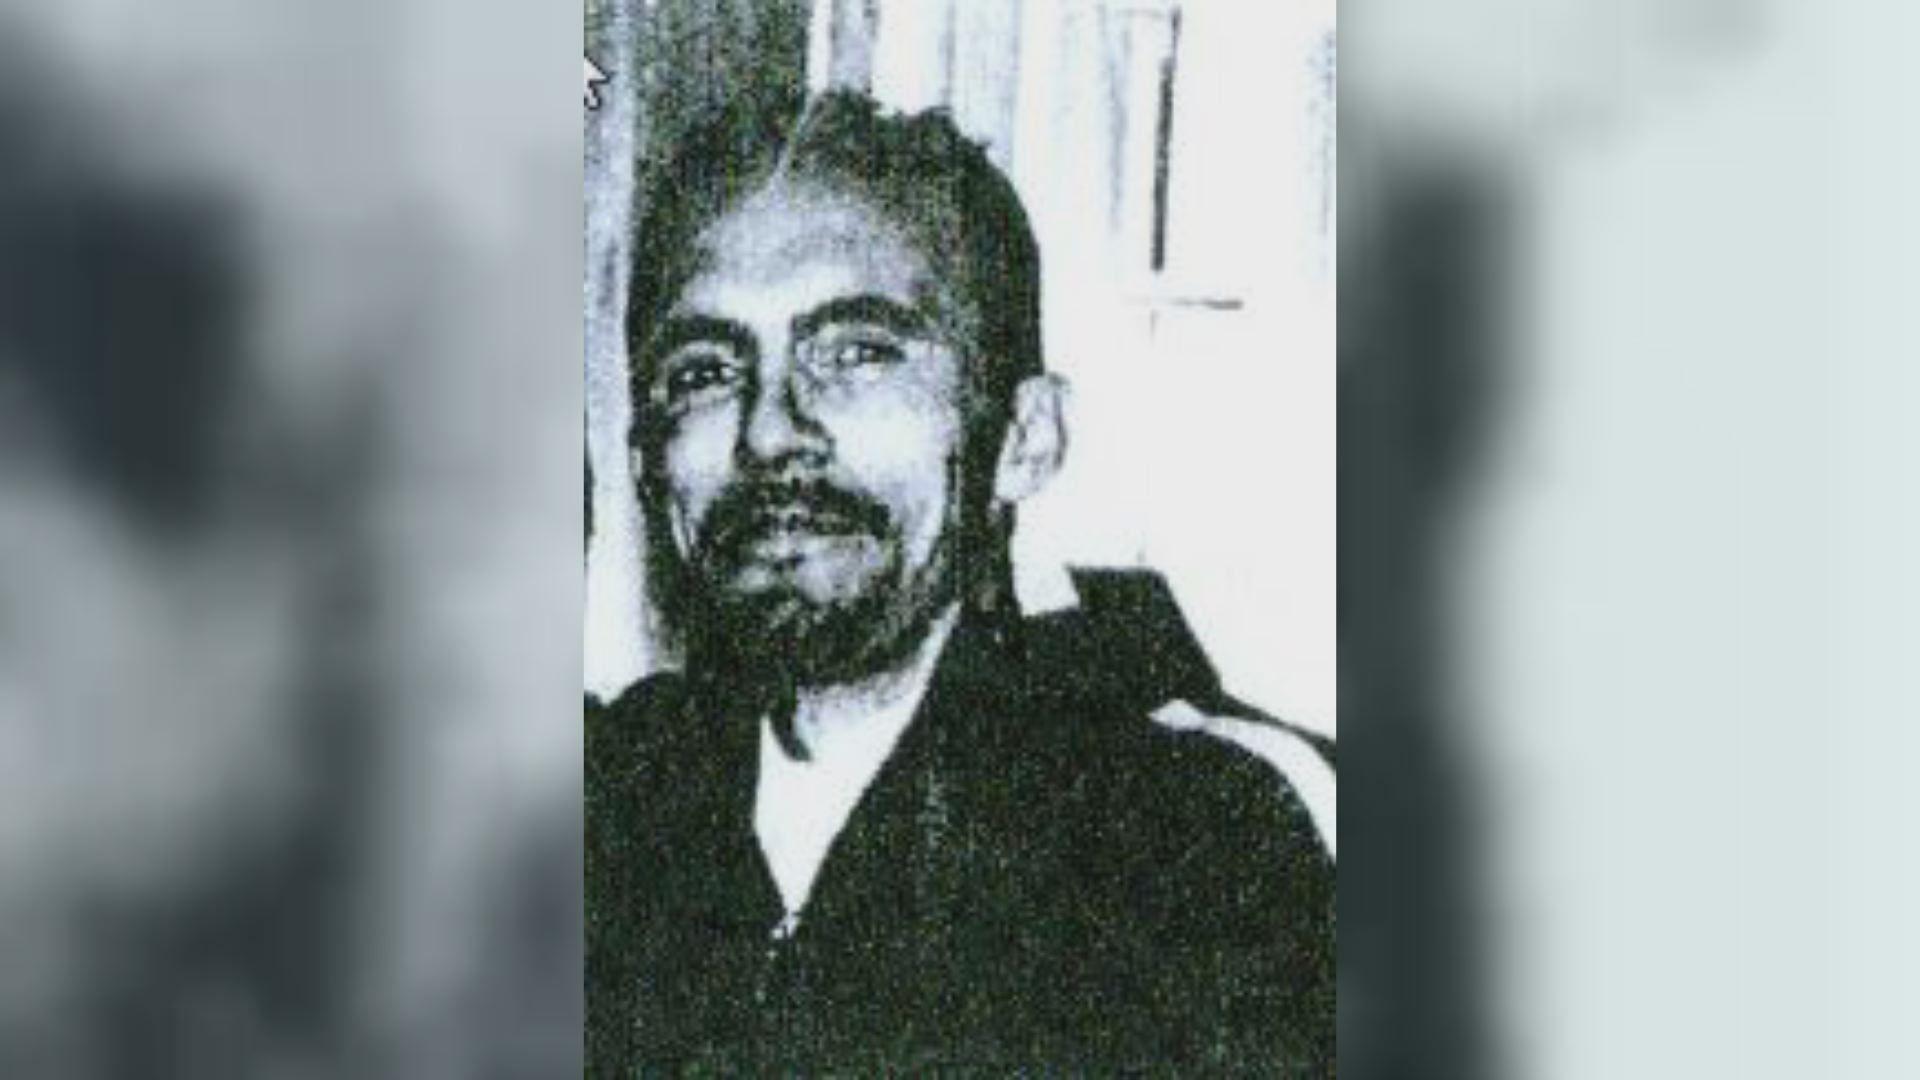 Pedro Escudero Gallardo